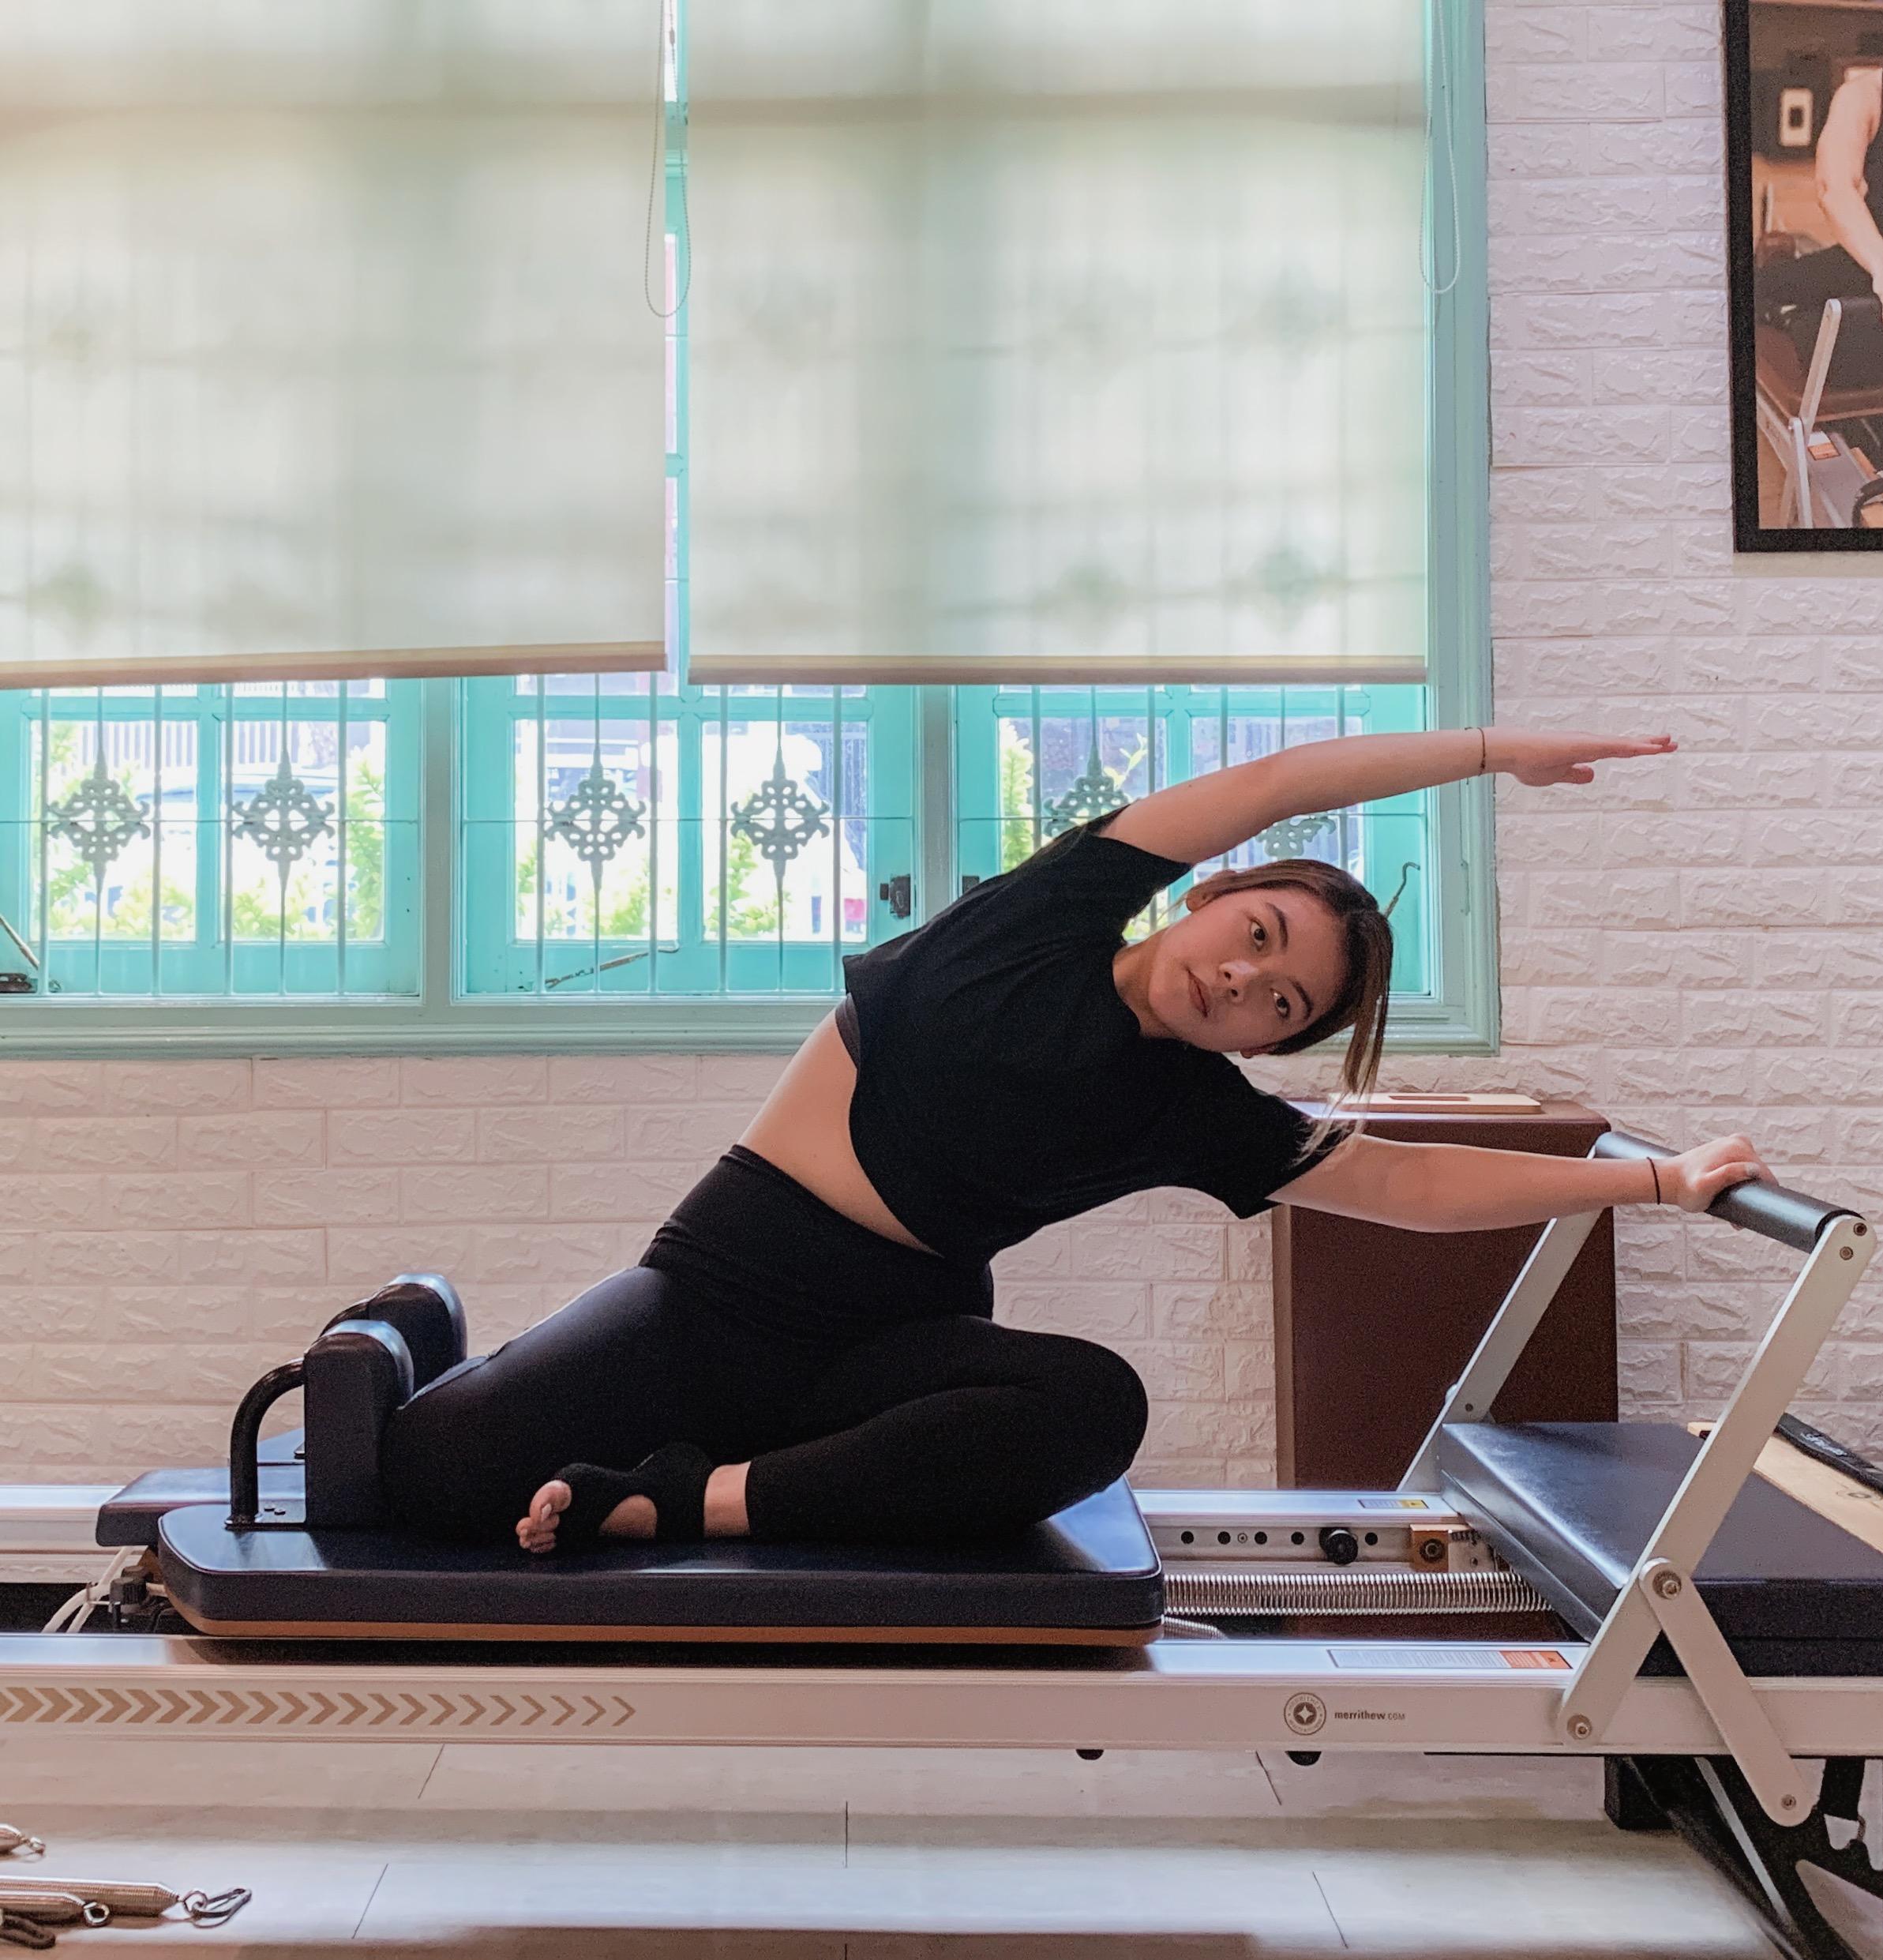 Manfaat Pilates: Menjaga Postur Tubuh Ideal